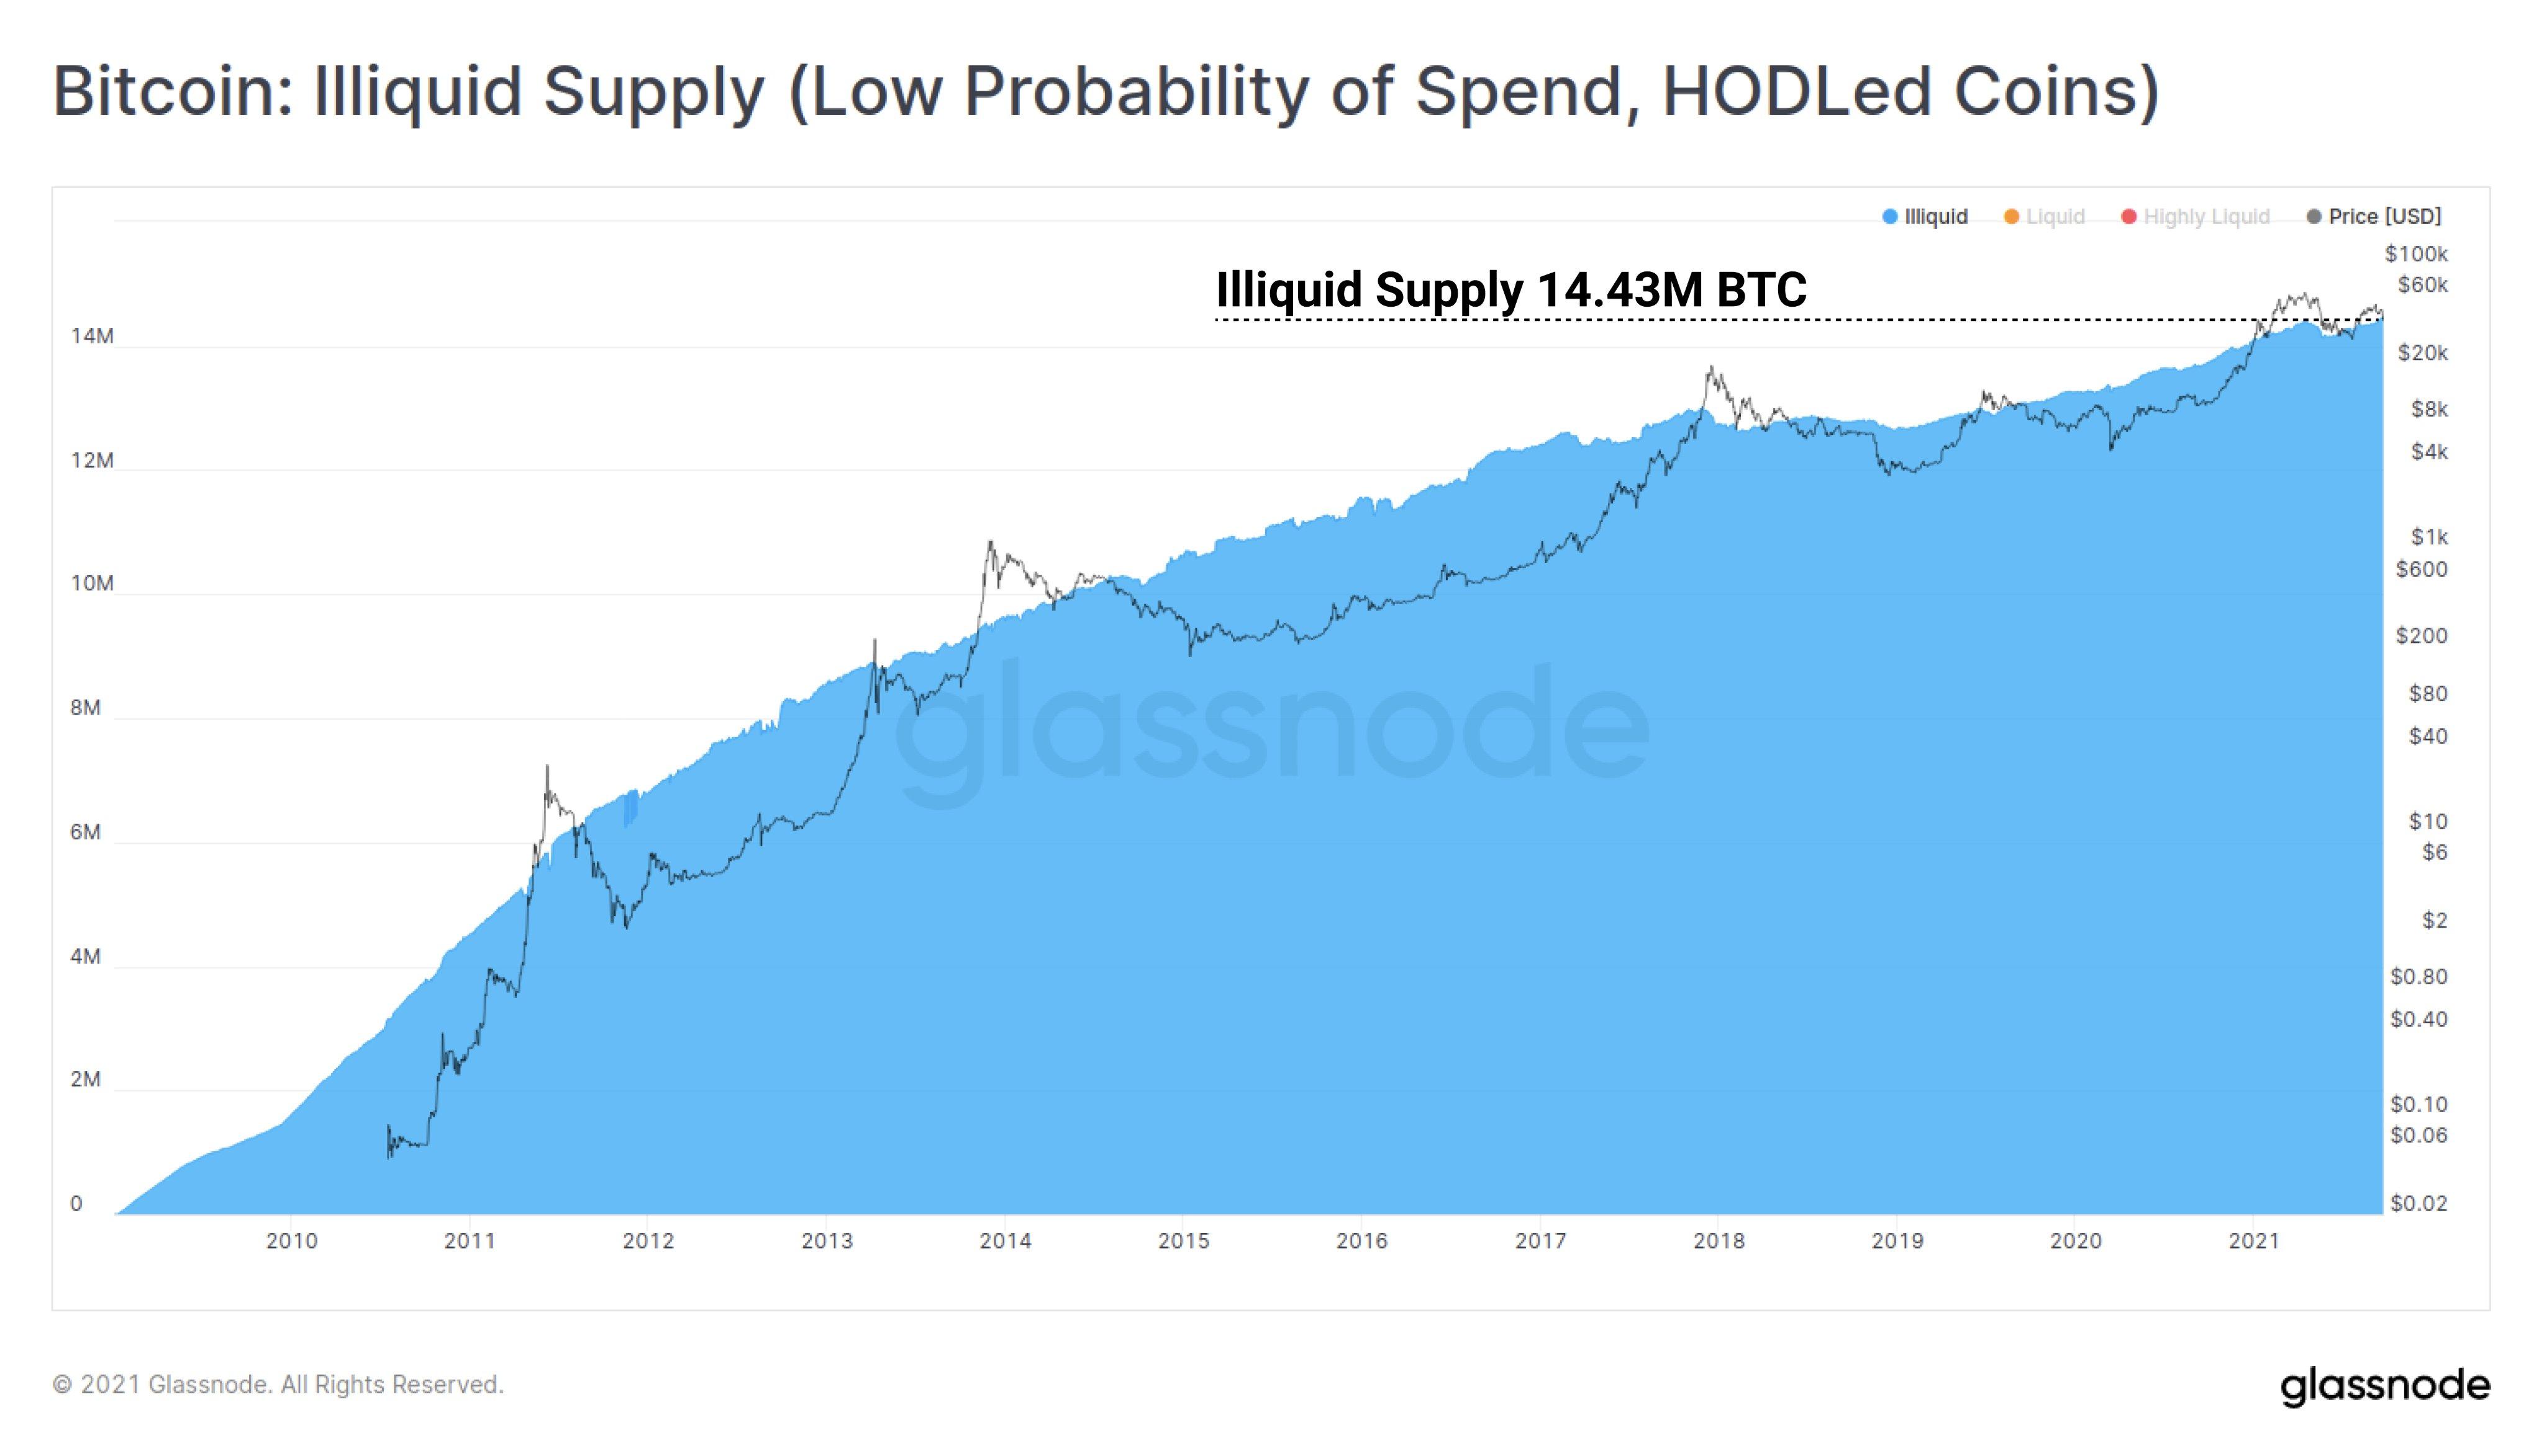 Bitcoin illiquid supply